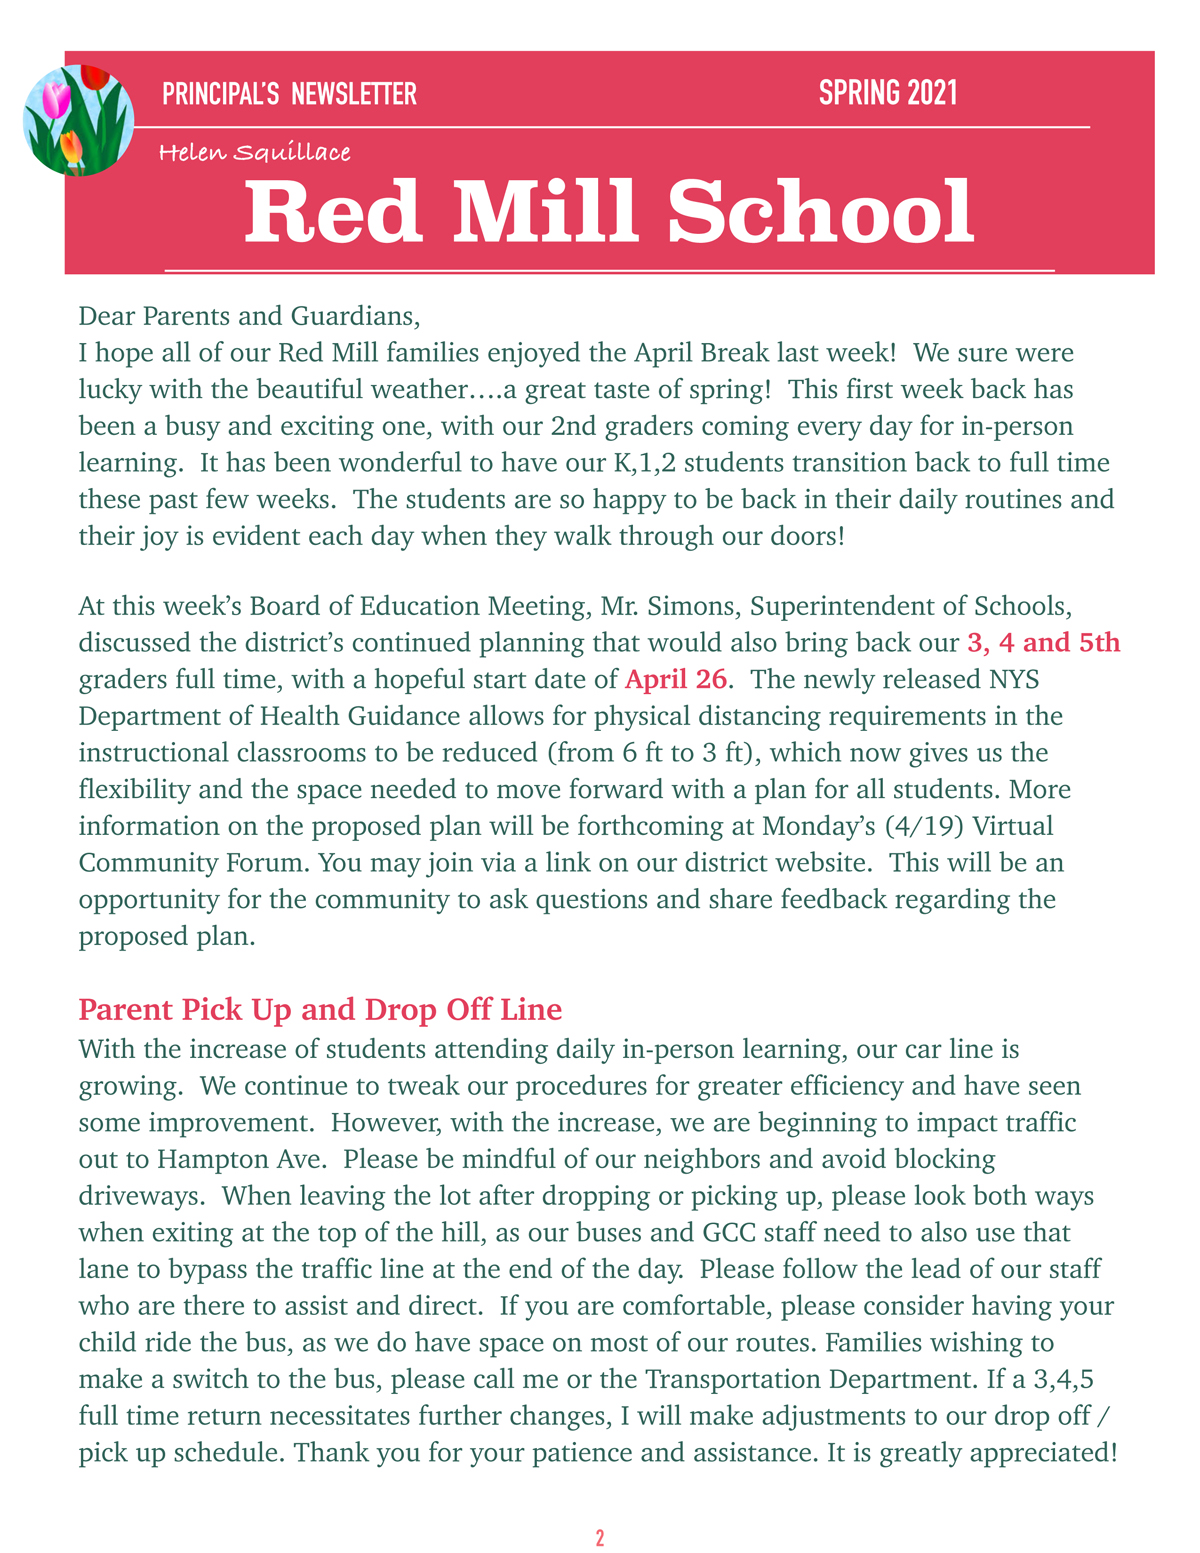 RM Spring Newsletter cover